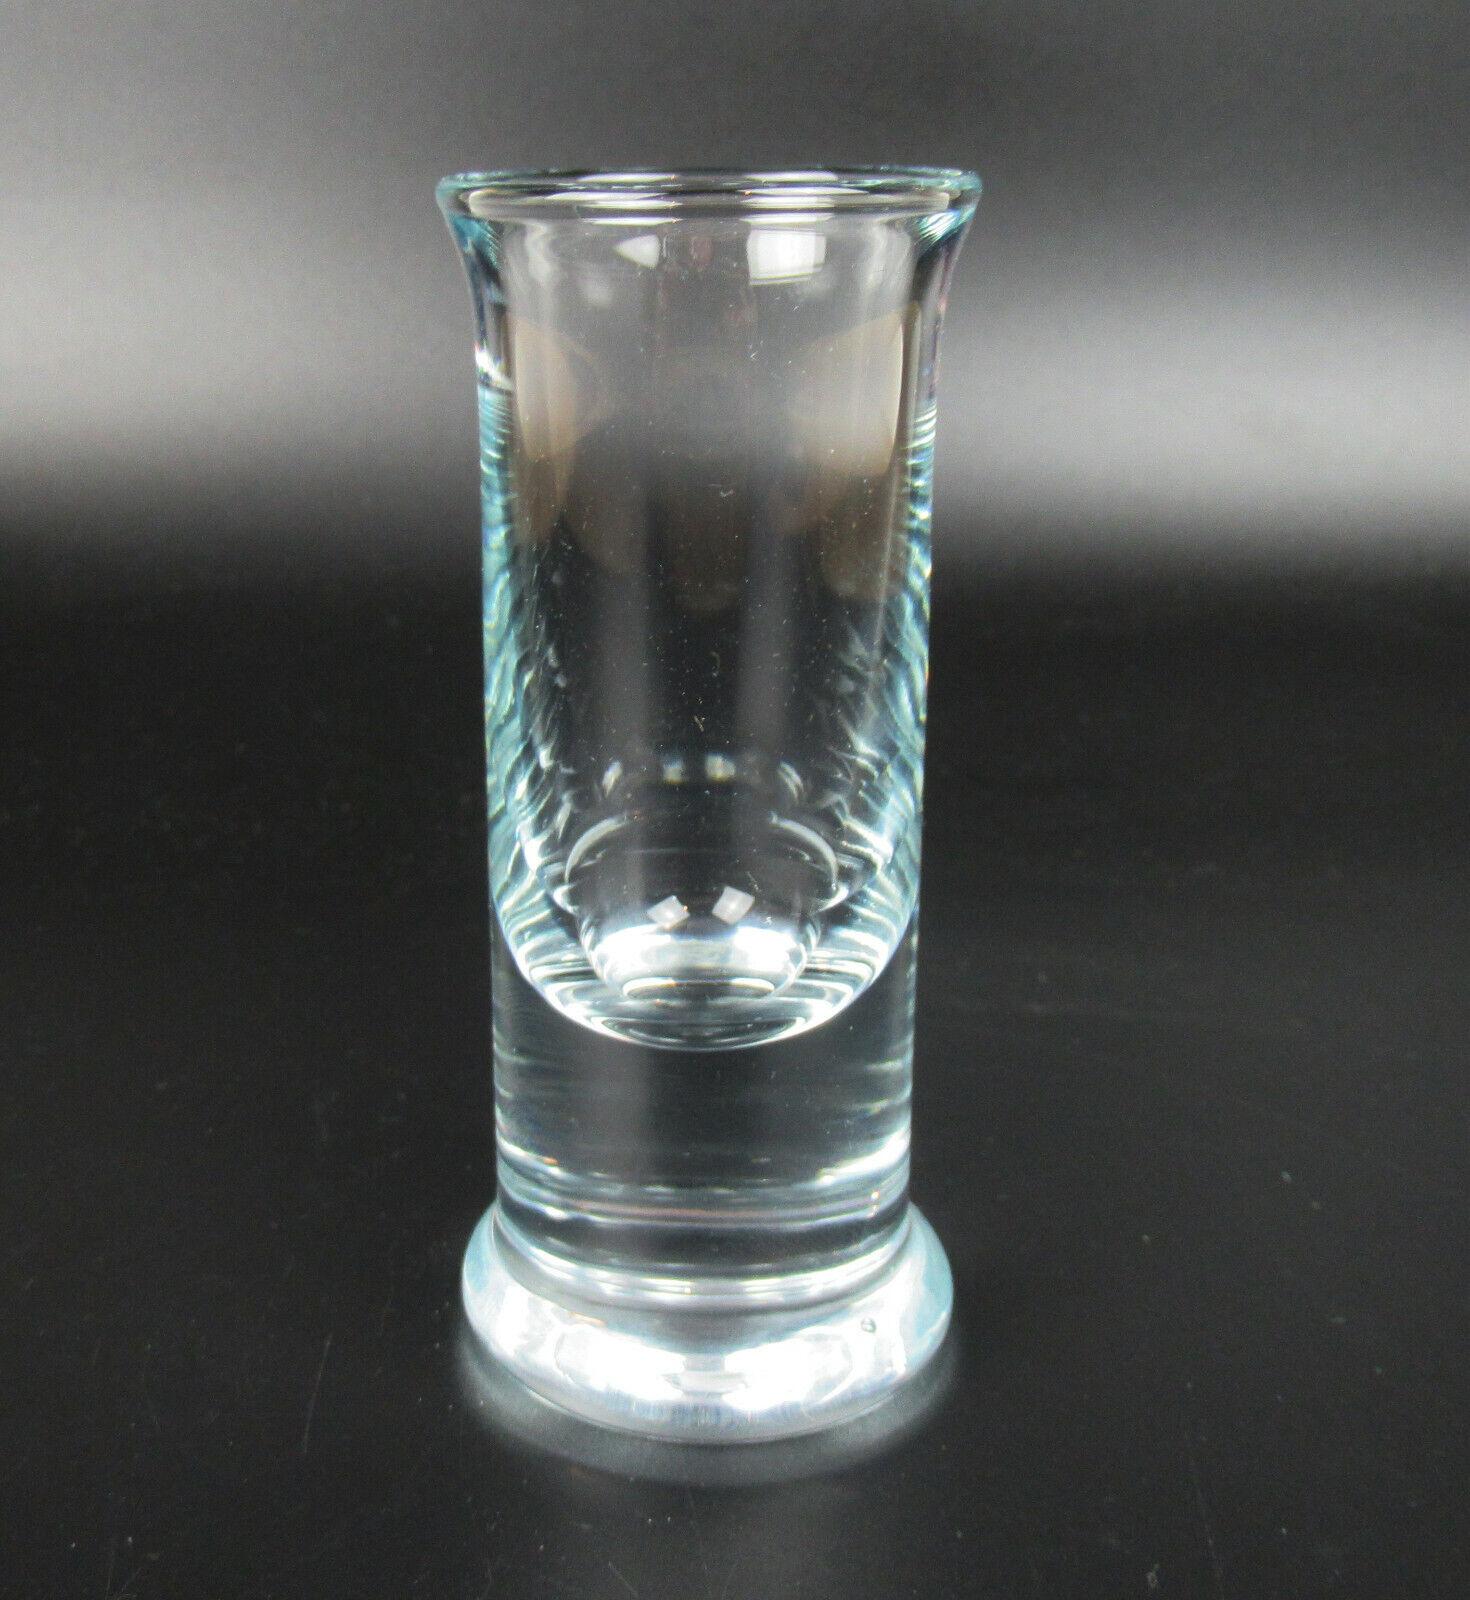 Holmegaard Schnapsglas Serie No. 5 Per Lütken Design 1970 Denmark Shot Glass